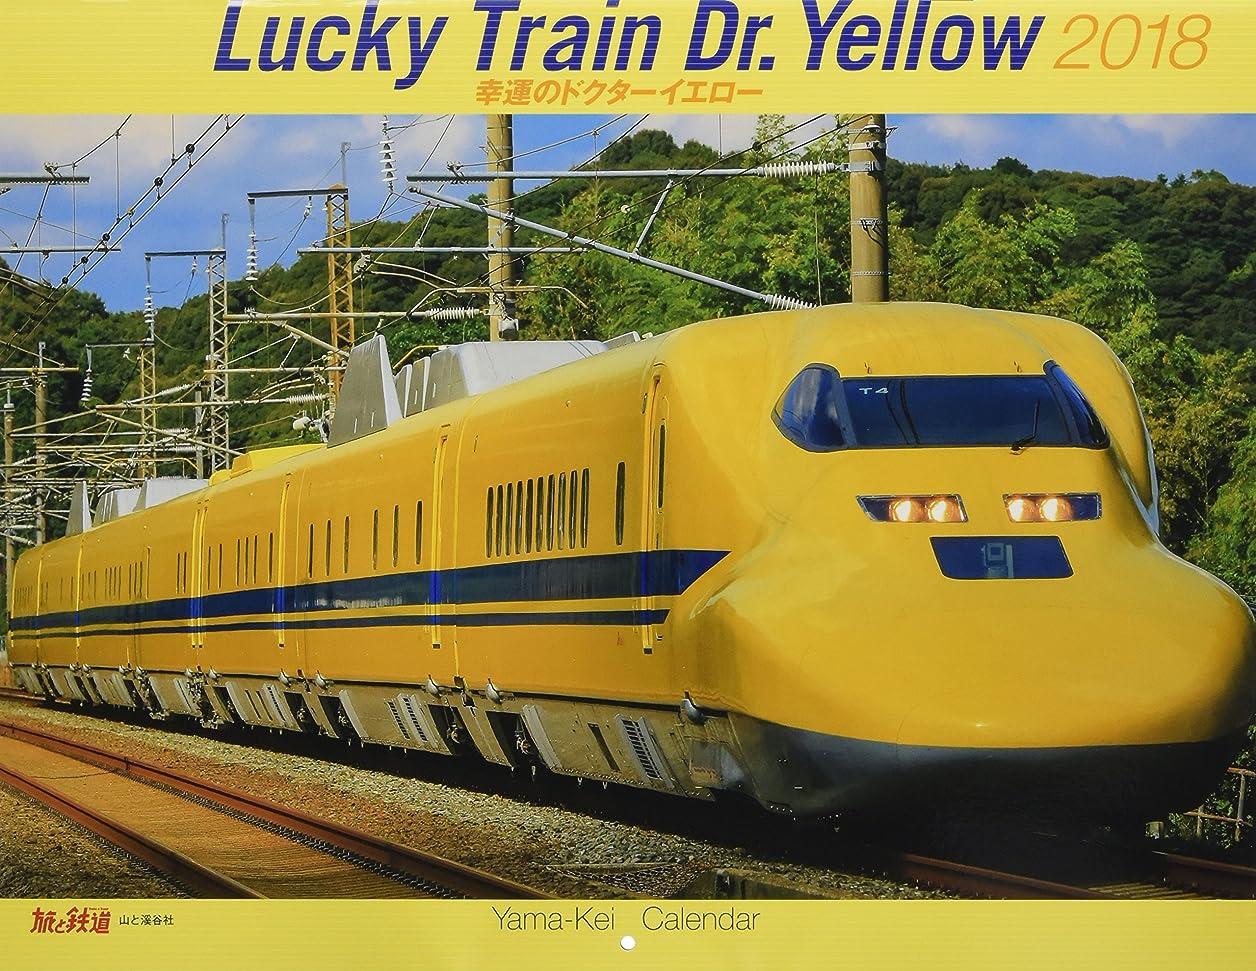 すり大人提案するカレンダー2018 幸運のドクターイエローカレンダー Lucky Train Dr.Yellow 幸せの黄色い新幹線 (ヤマケイカレンダー2018)